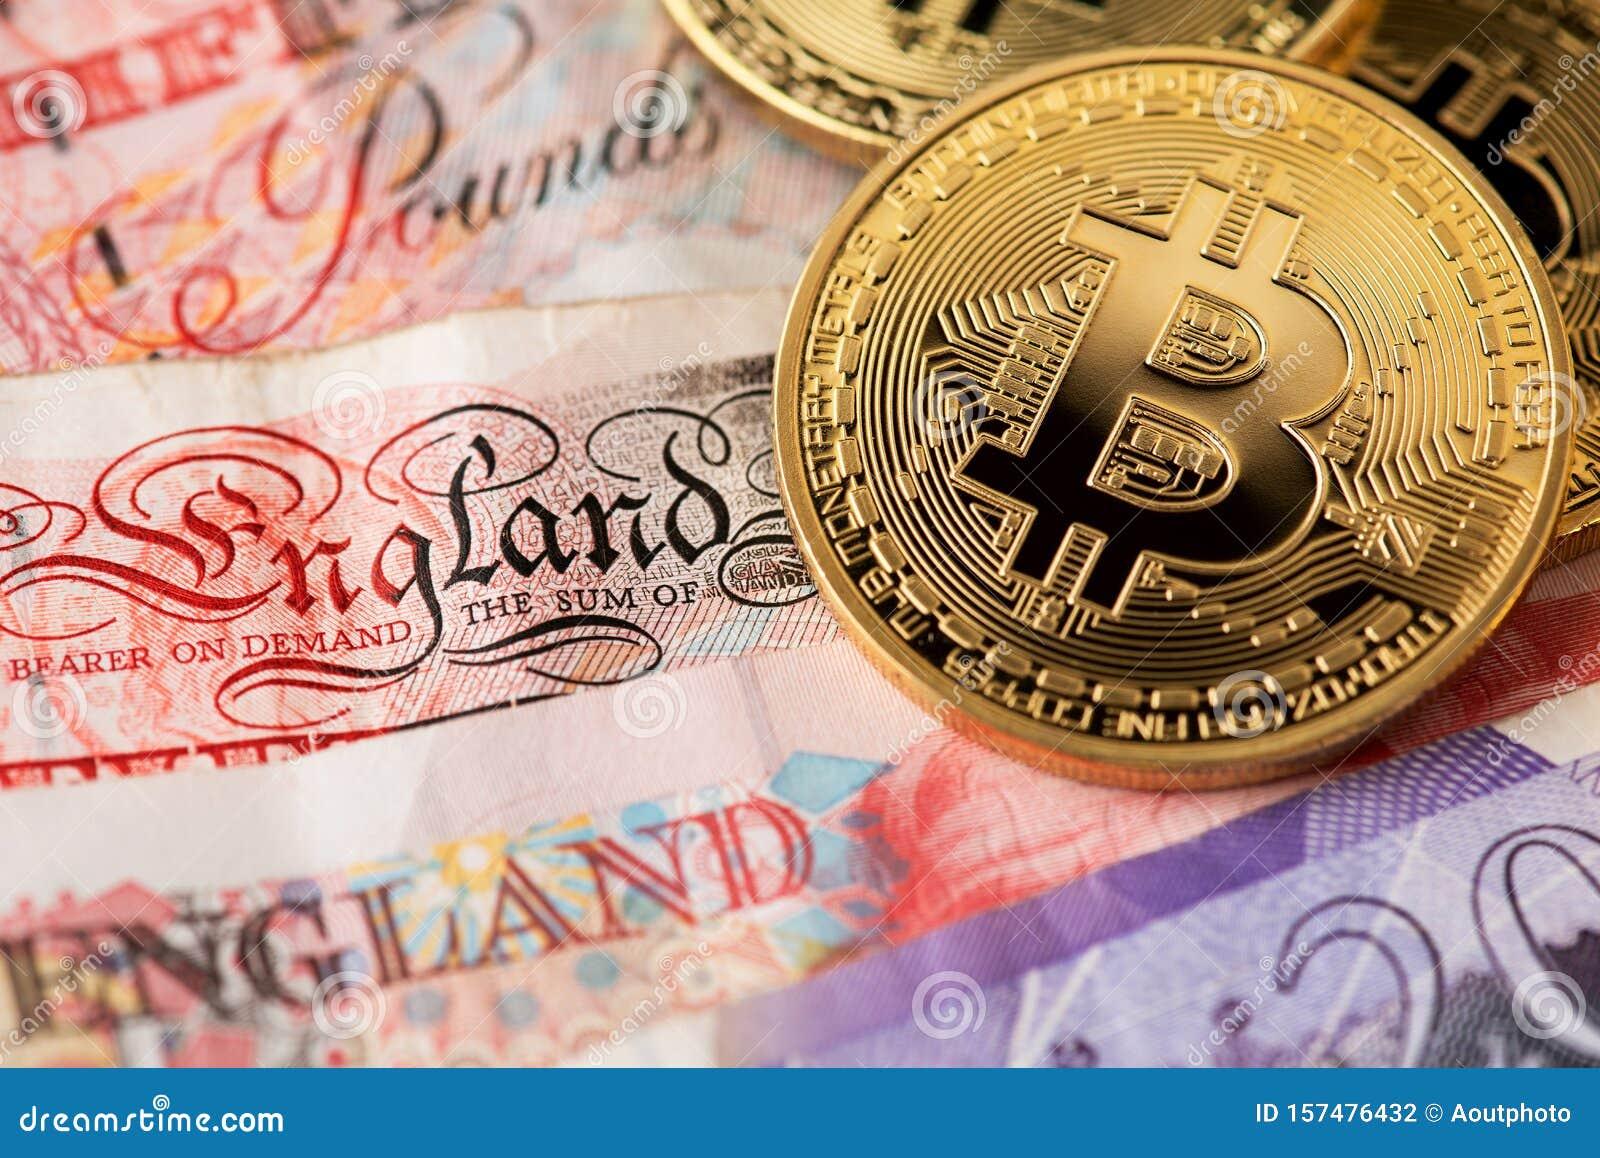 BCH į GBP - Bitcoin Cash į Britanijos svaras Sterlingas valiutos keitiklį